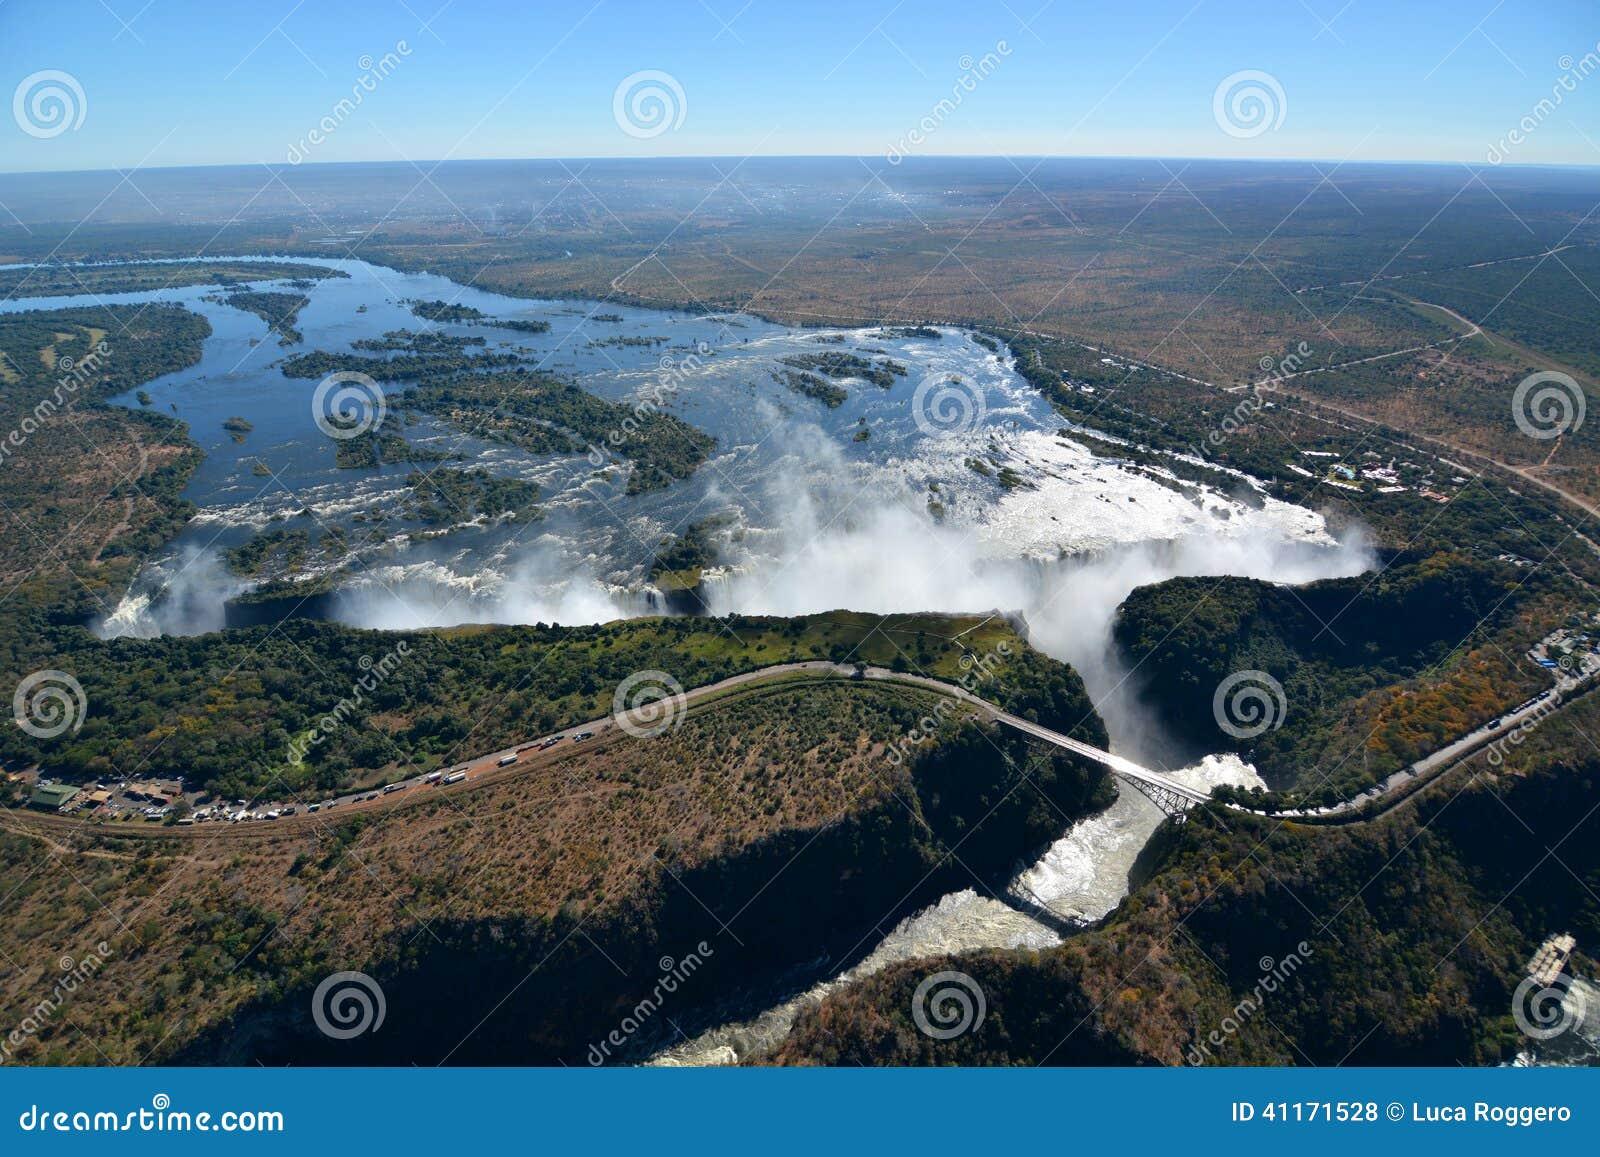 Zambesi river and Victoria Falls. Zimbabwe